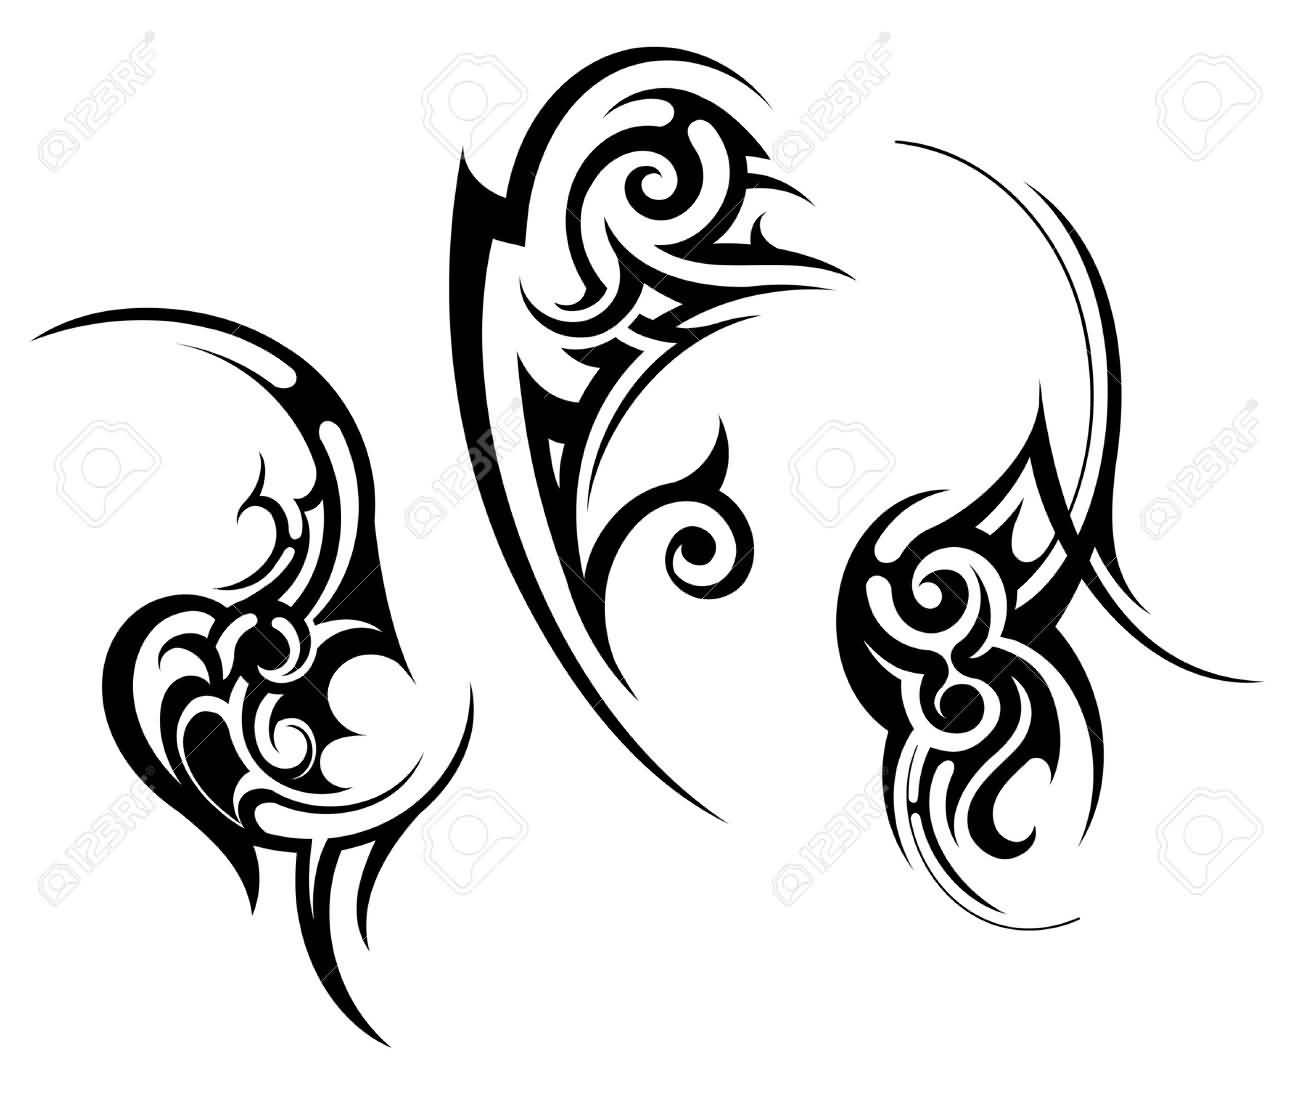 18+ Best Tribal Tattoo Designs